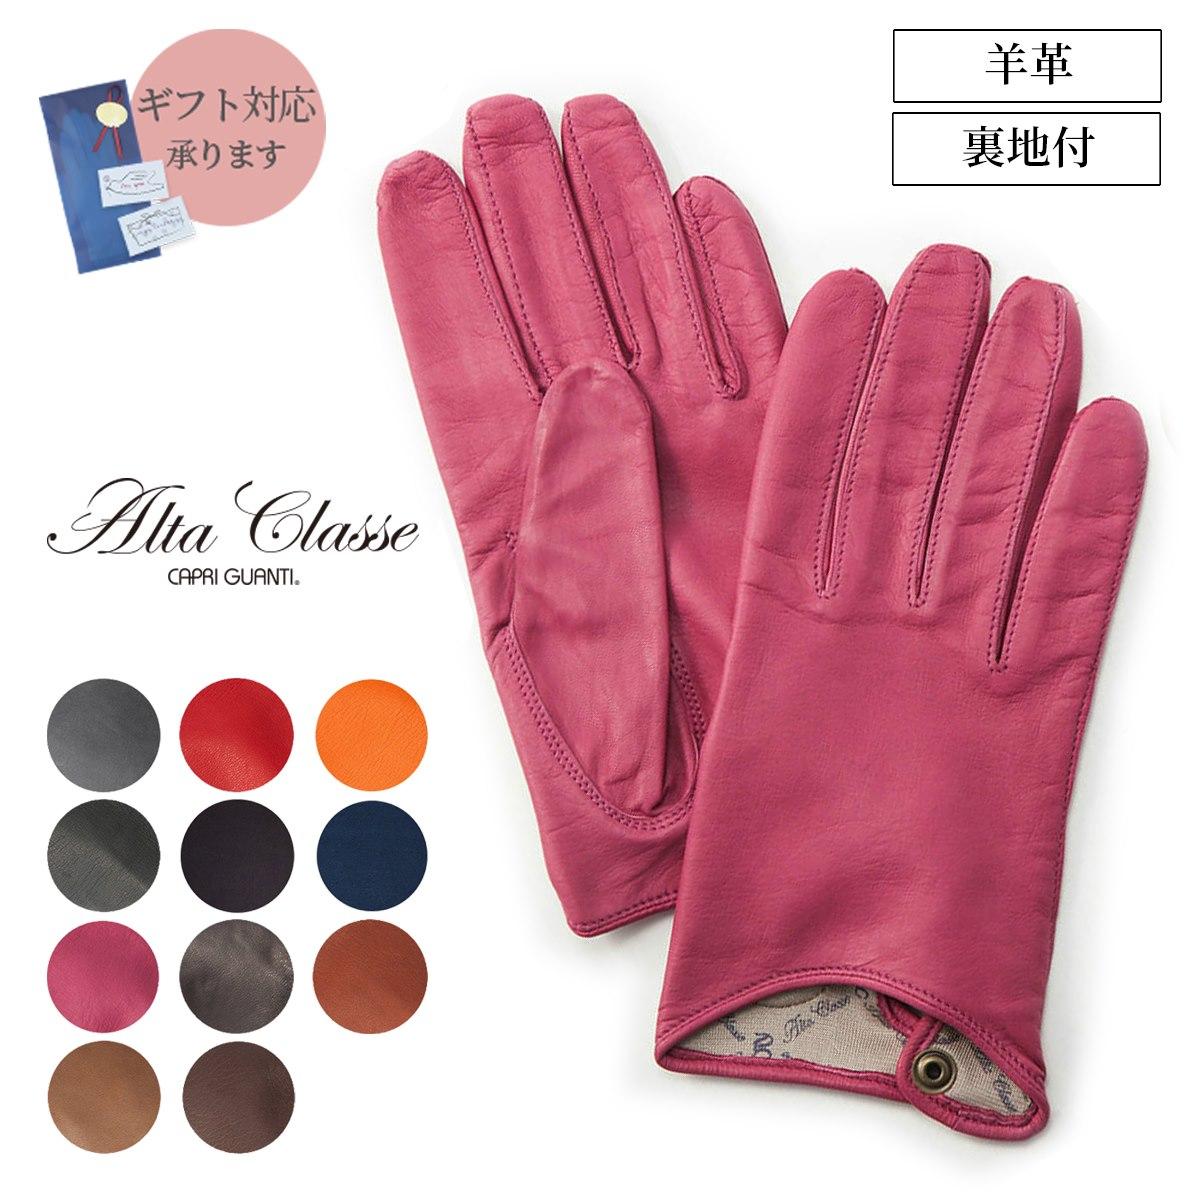 アルタクラッセ カプリガンティ裏地シルク100%メンズ革手袋パープル